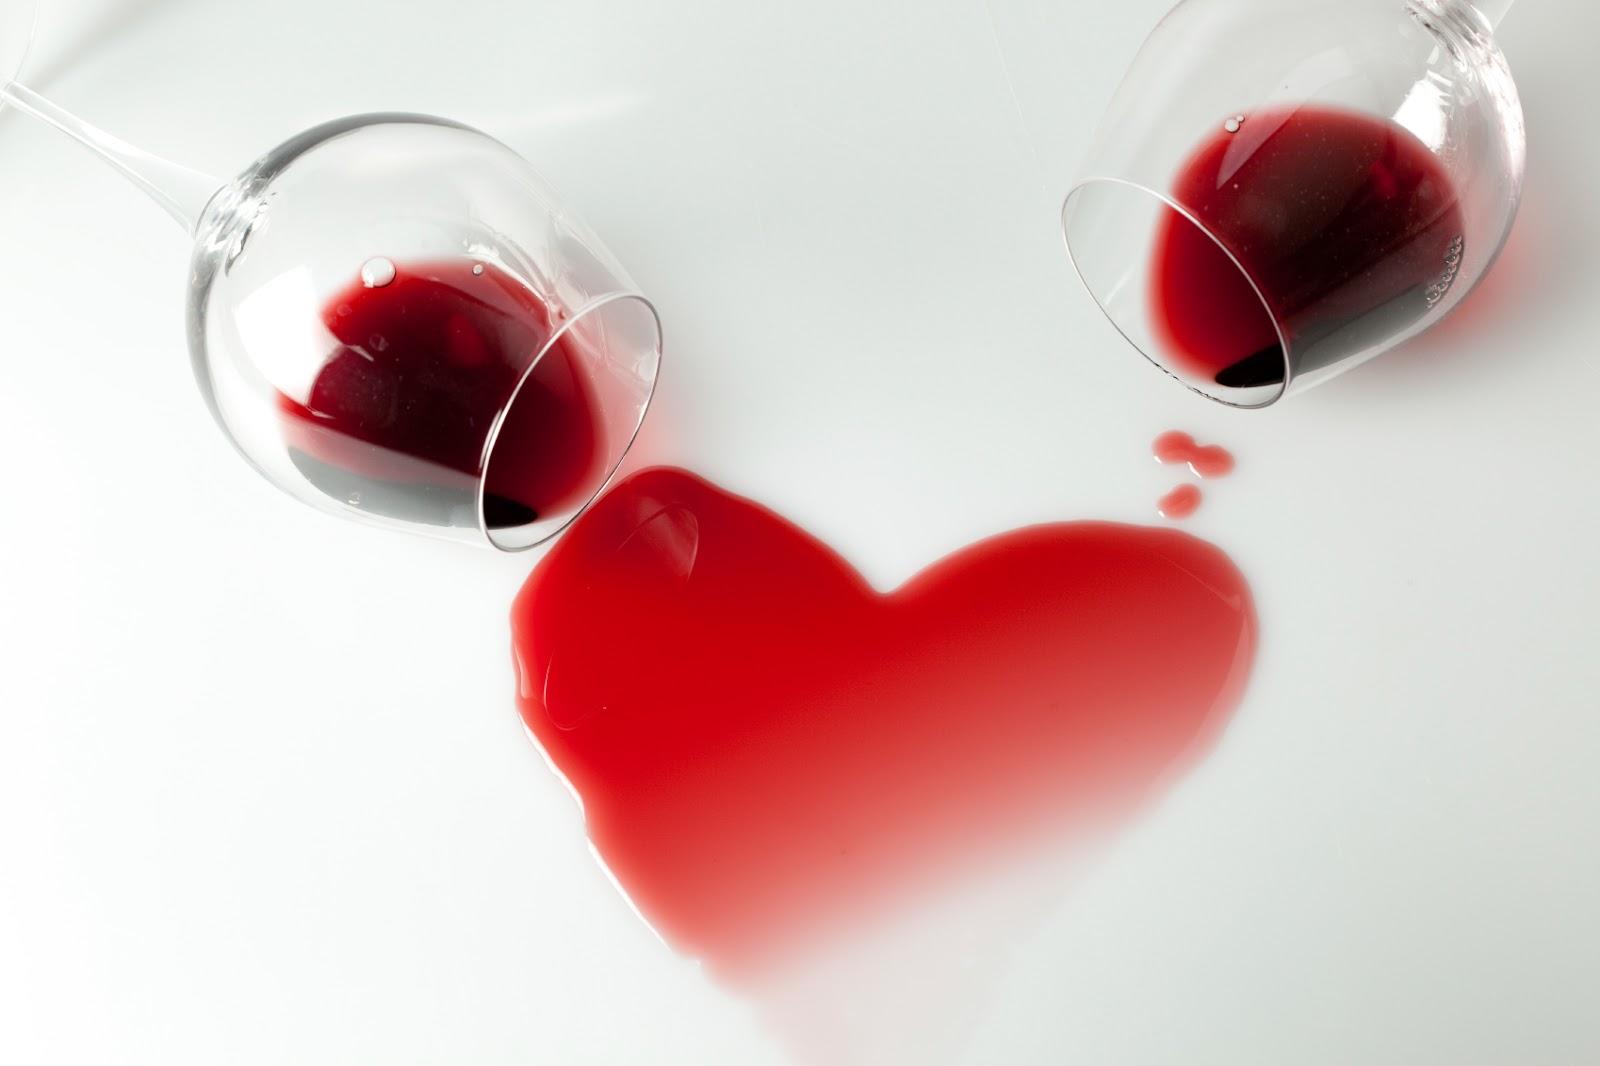 Влияние алкоголя на результаты анализов крови